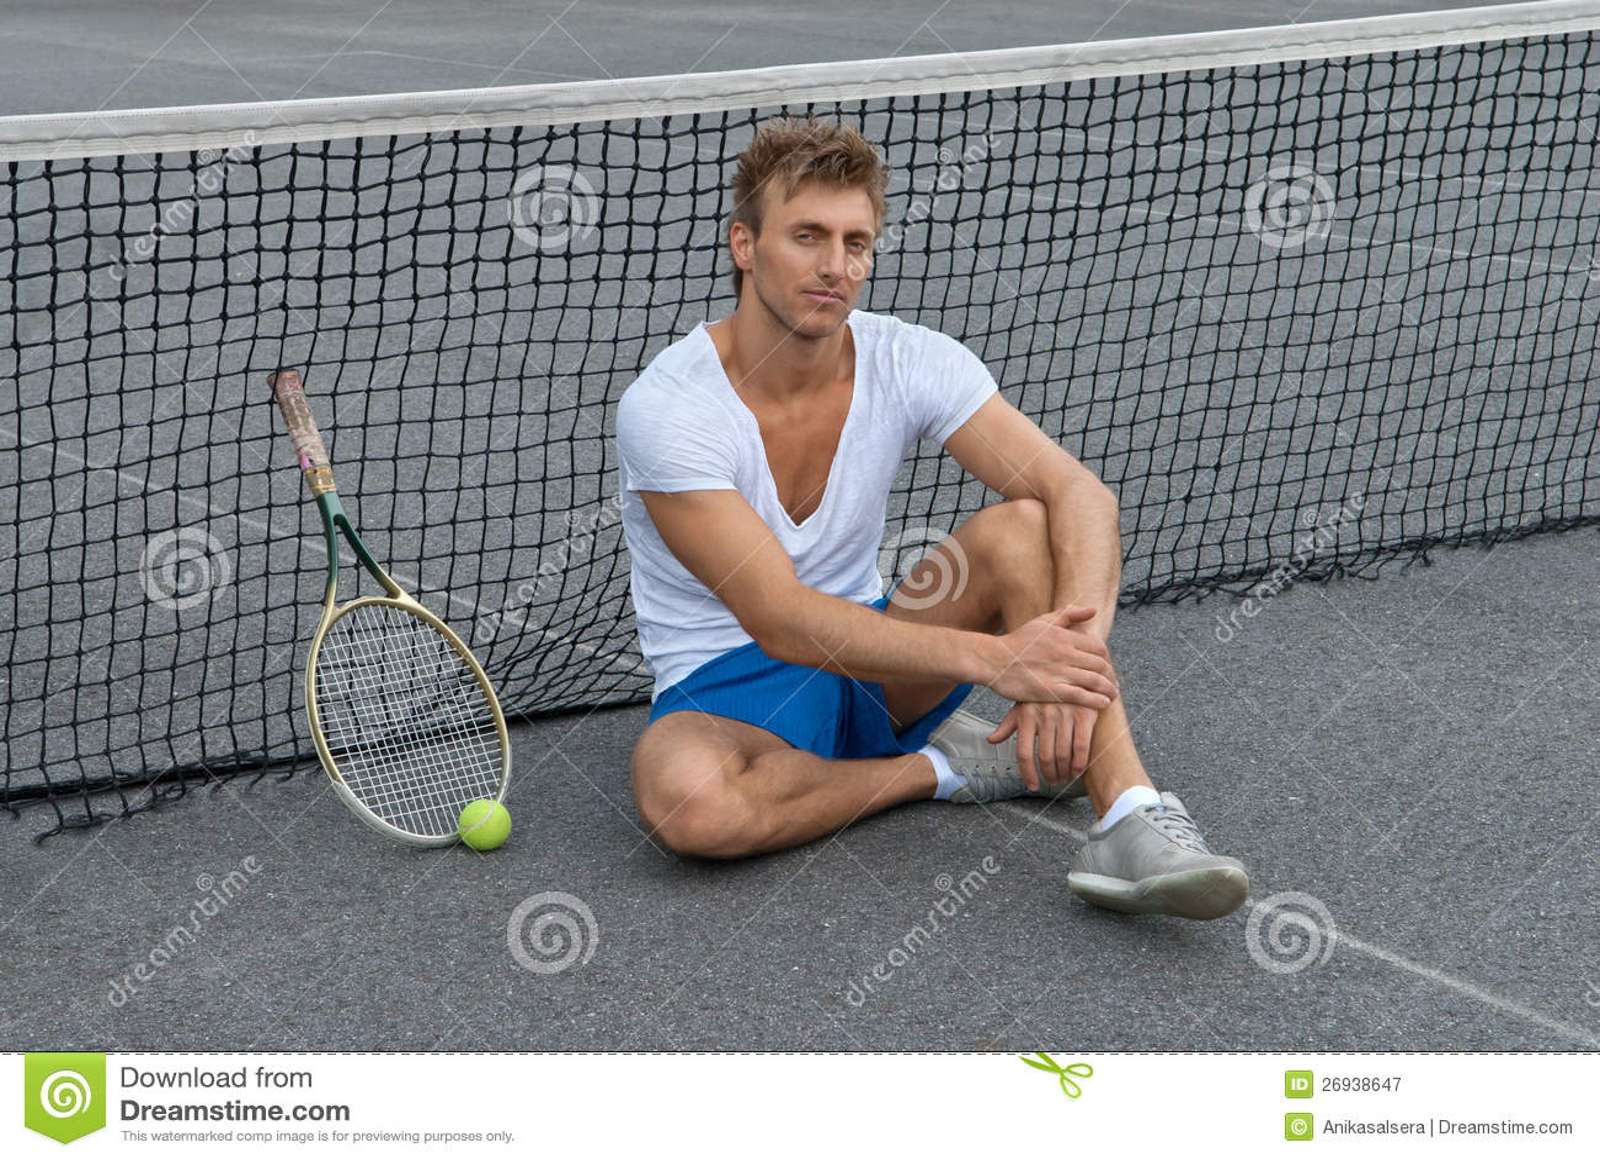 Sentada del jugador de tenis además de la red